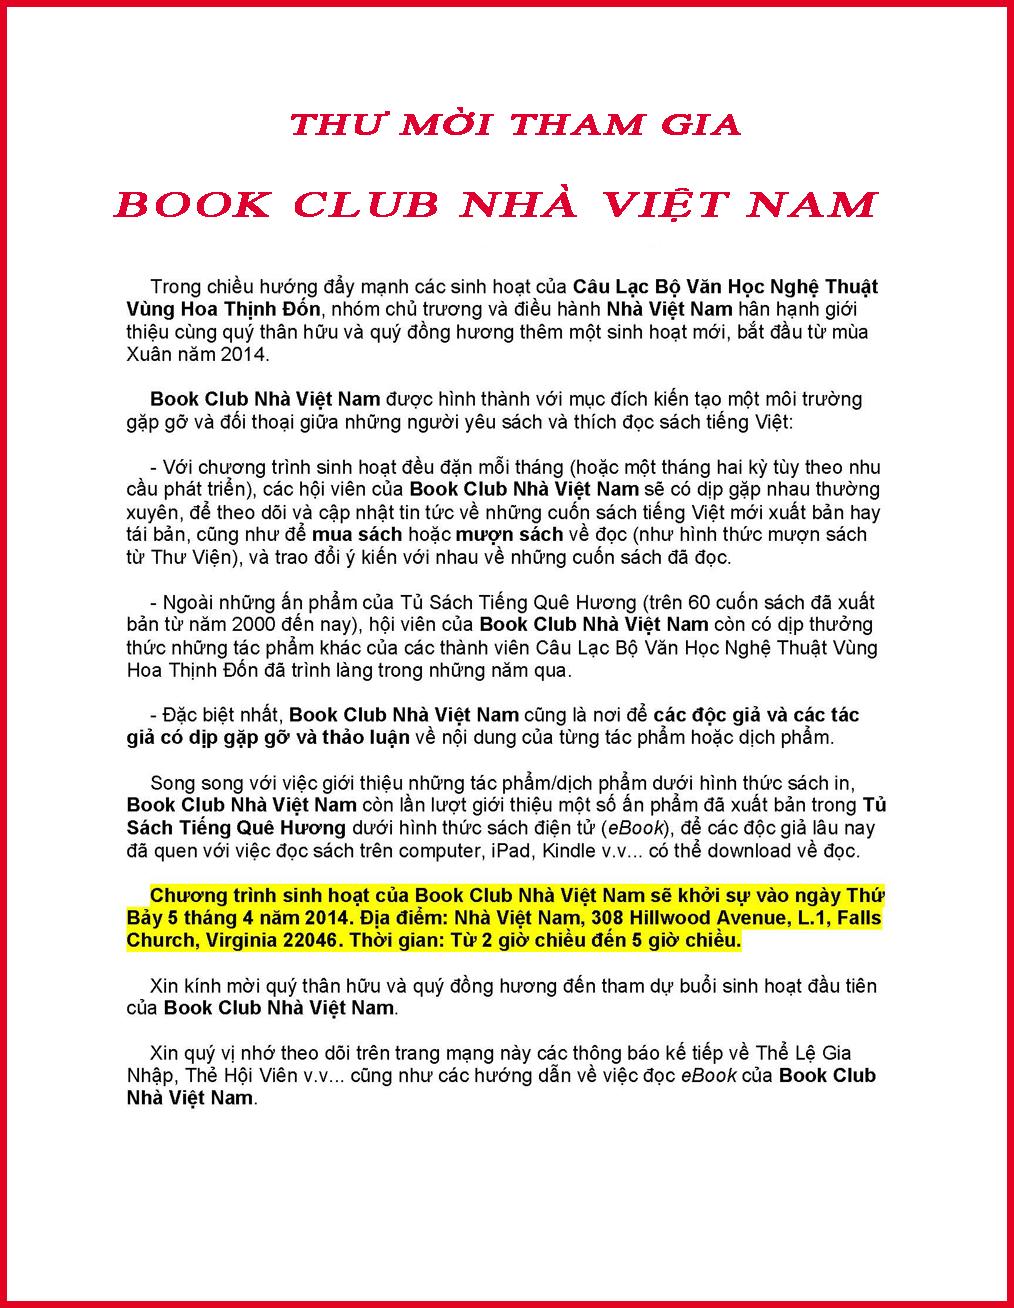 thu Moi book club red